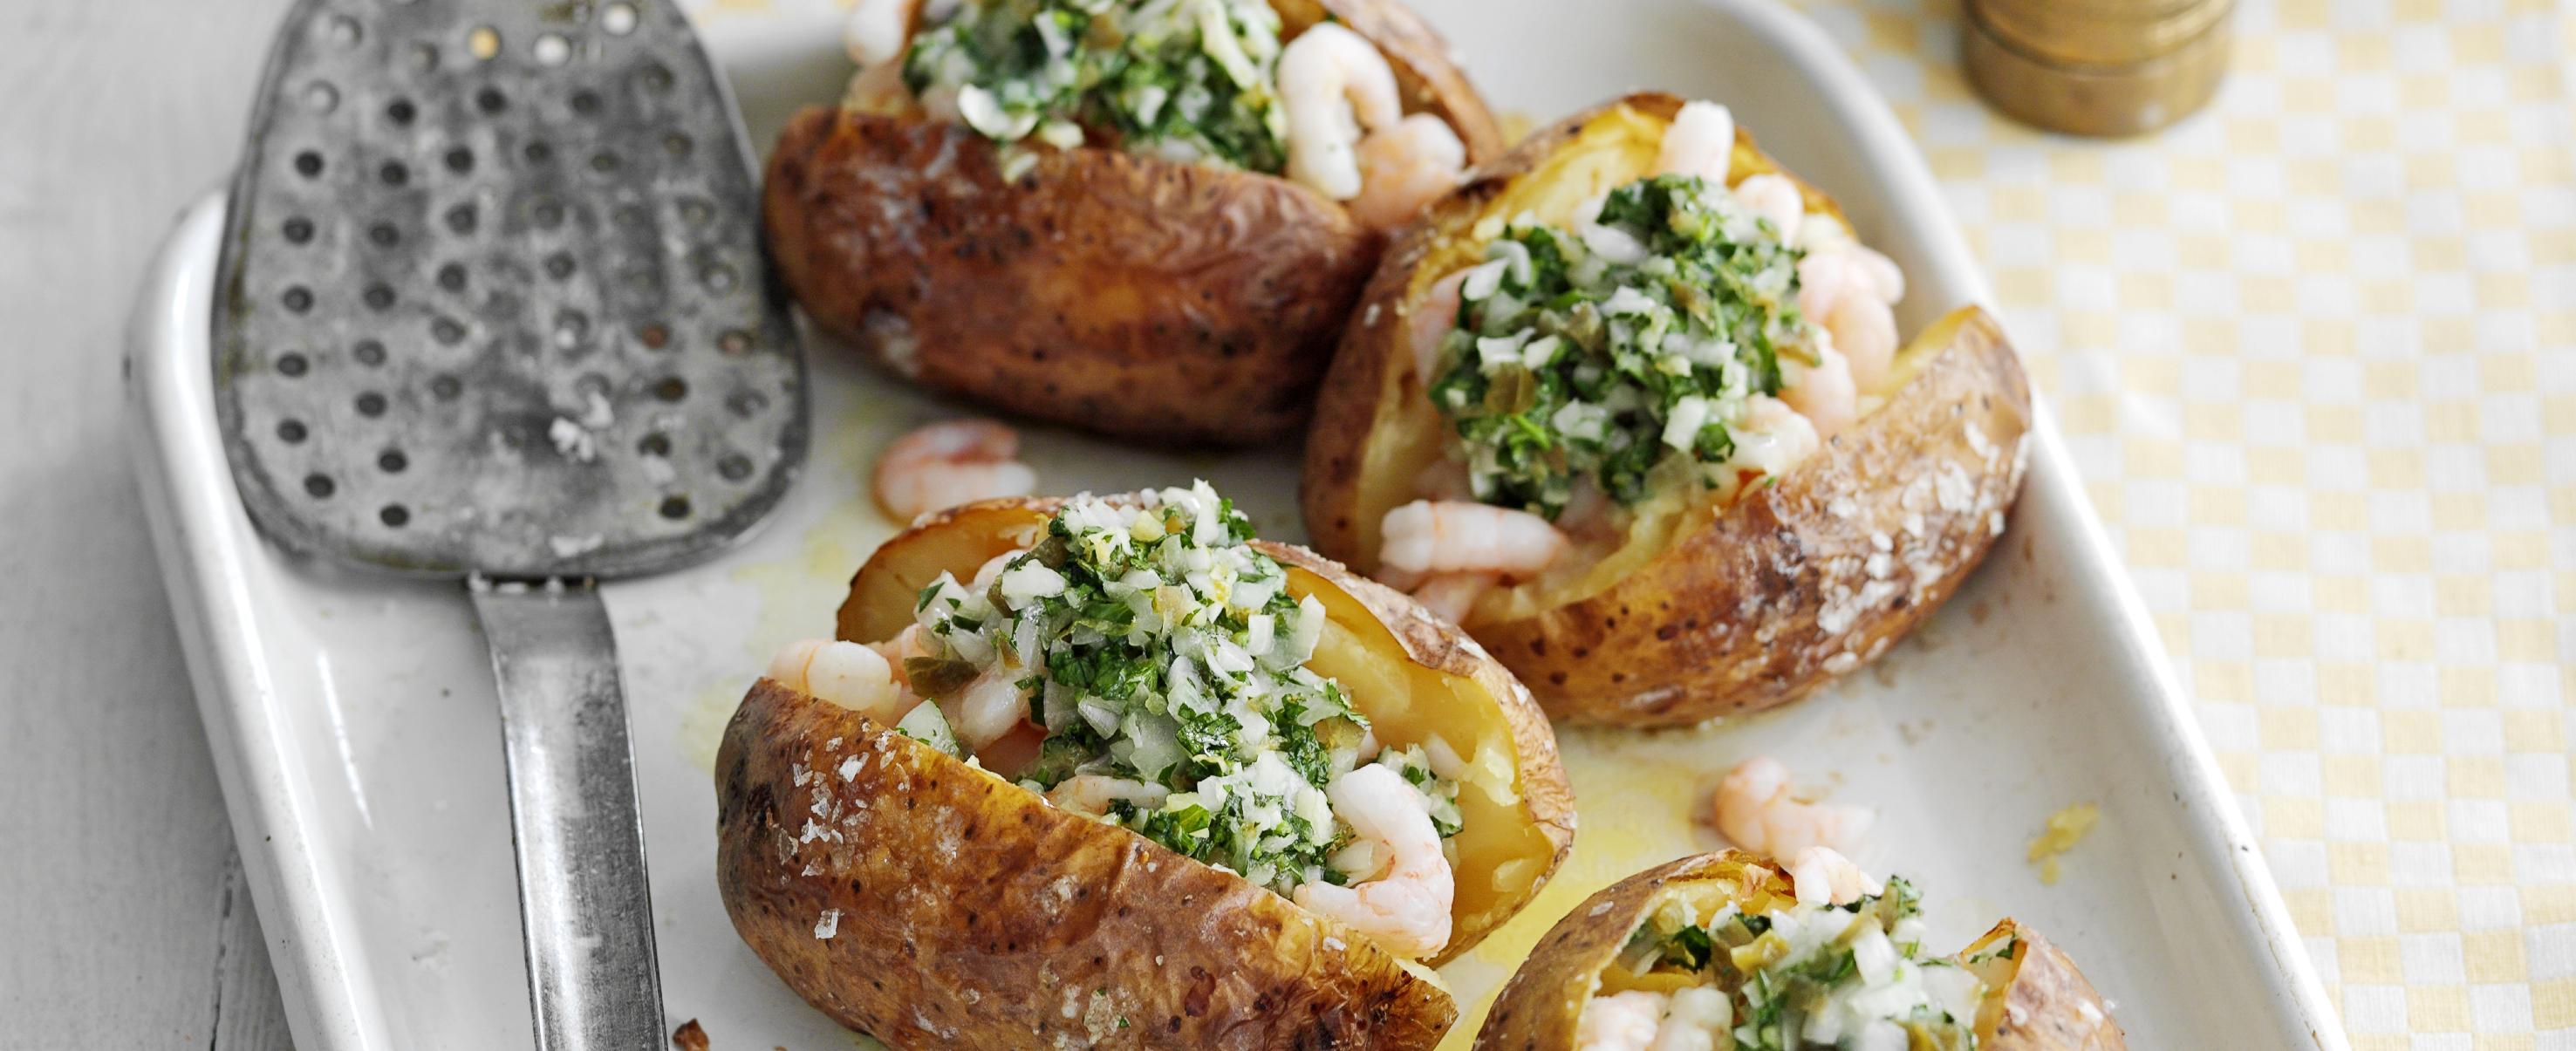 Baking potato ideas Foto